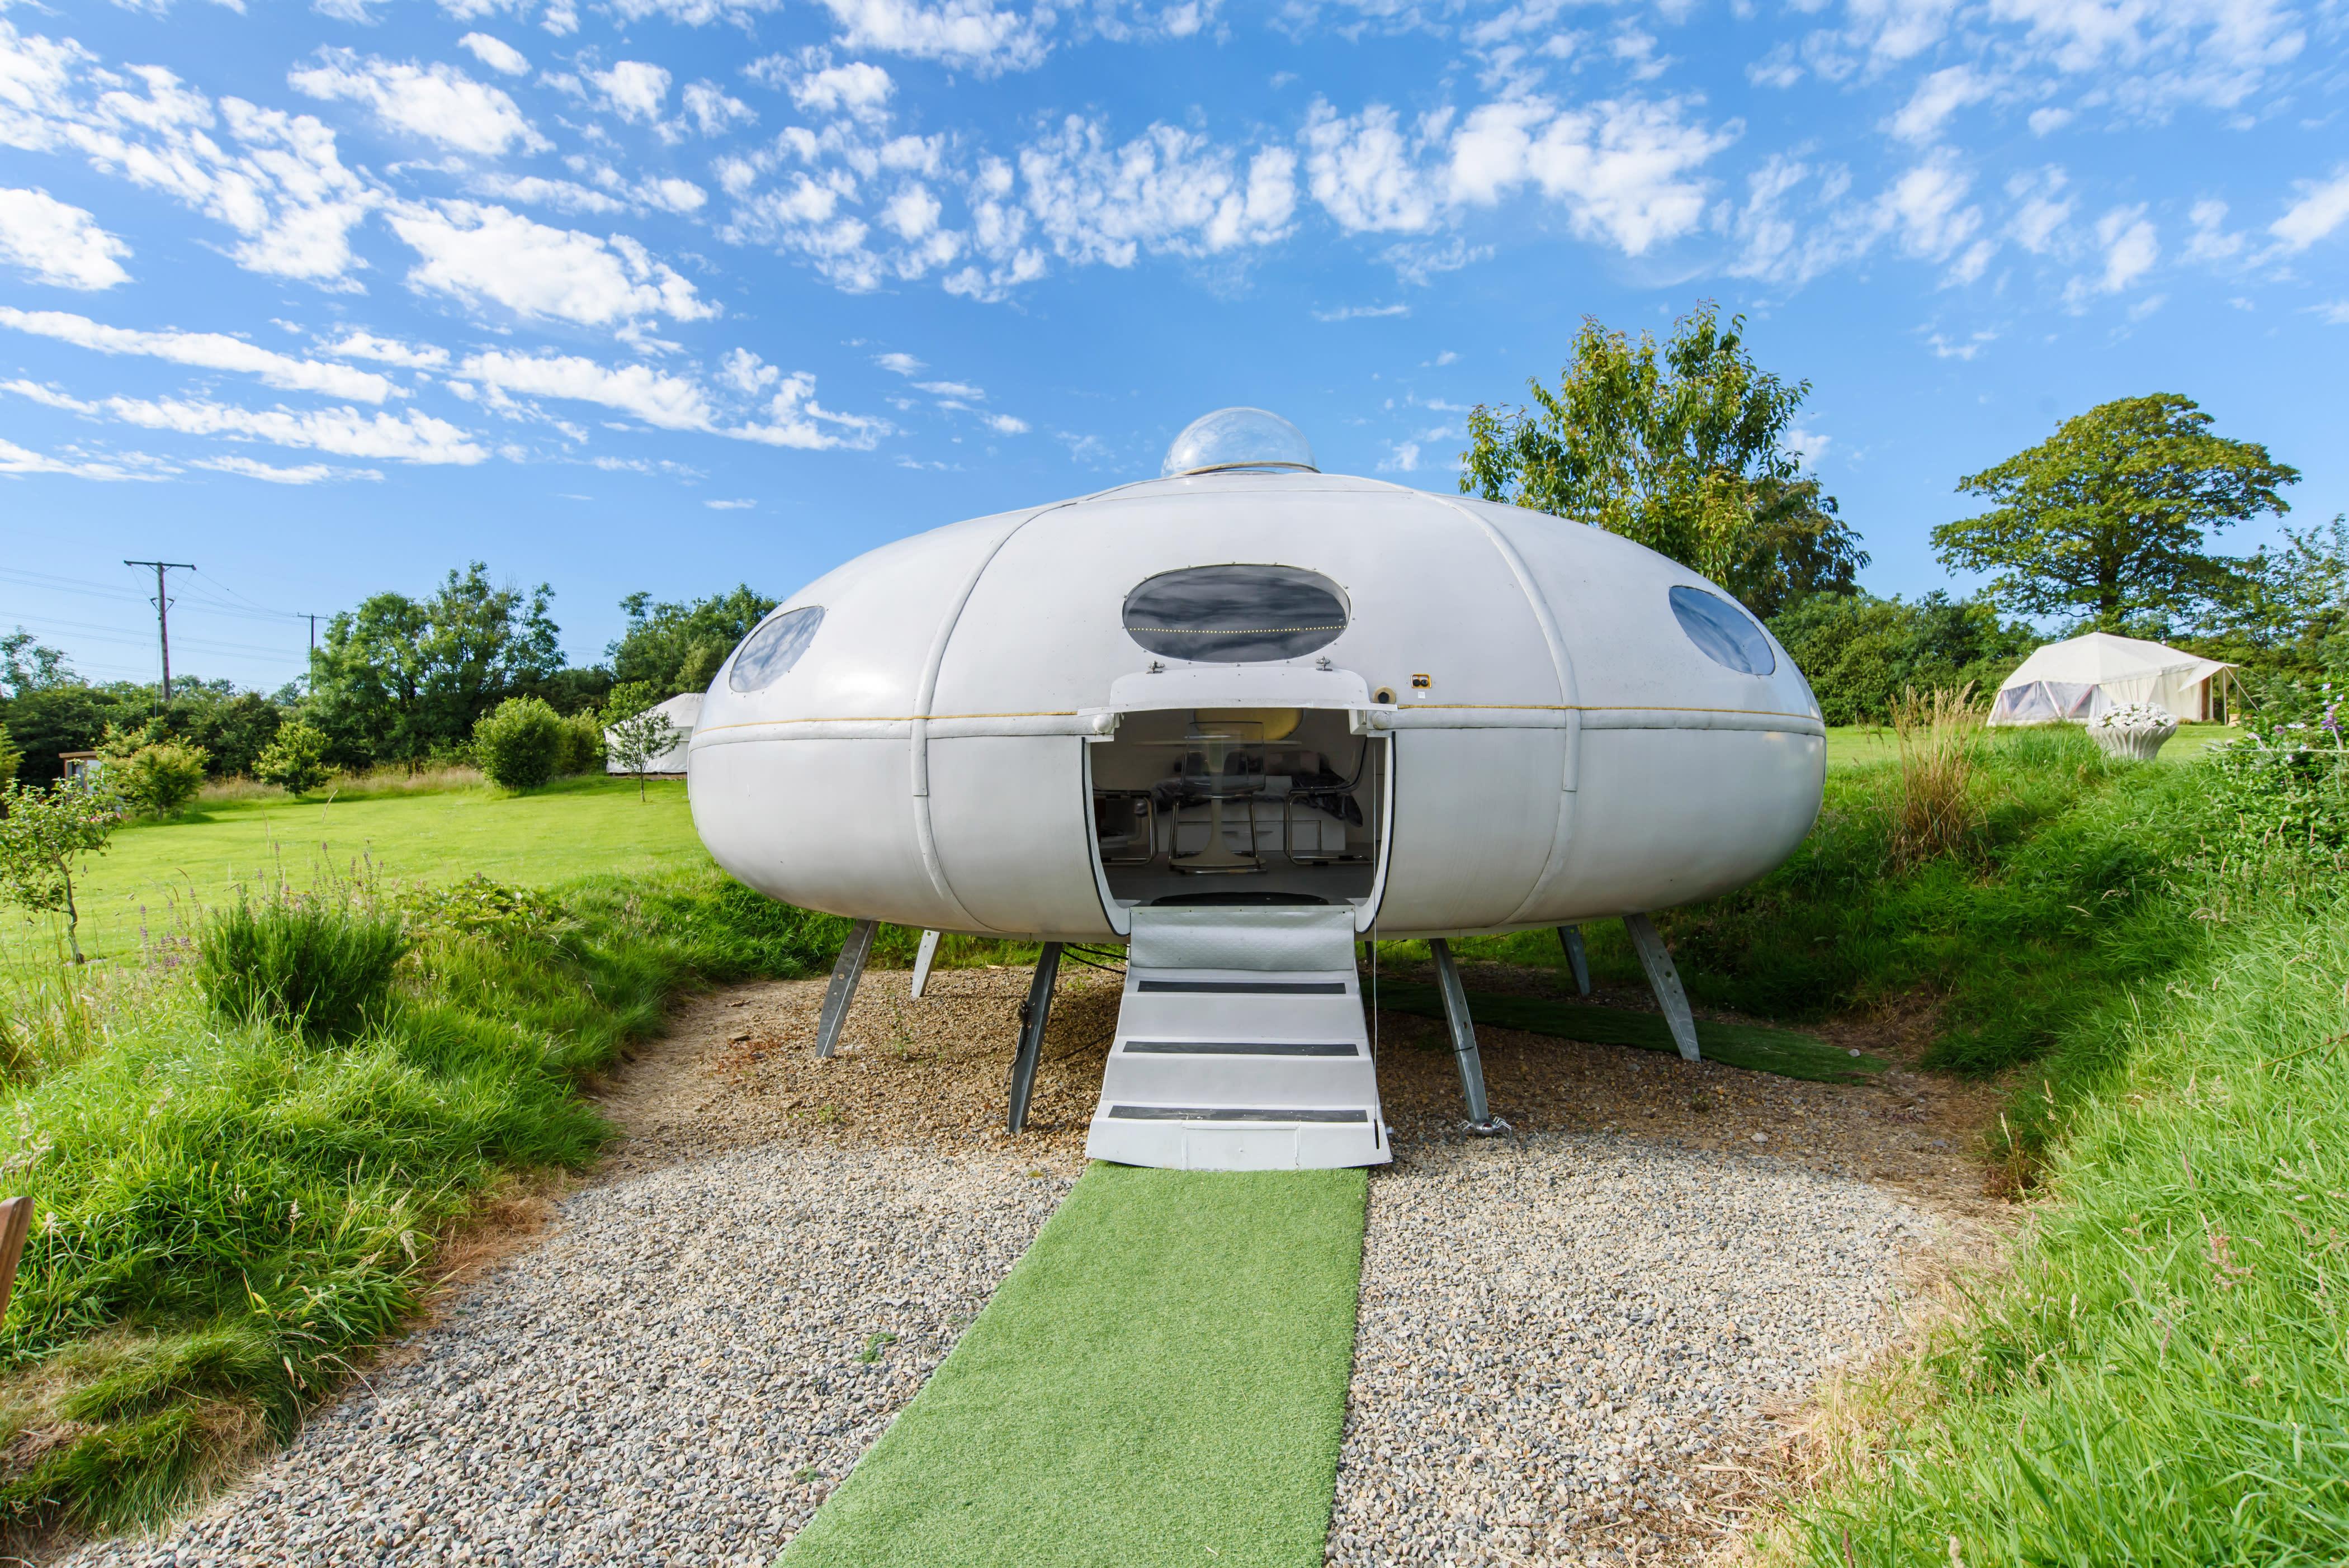 نتيجة بحث الصور عن Airbnb Space ship